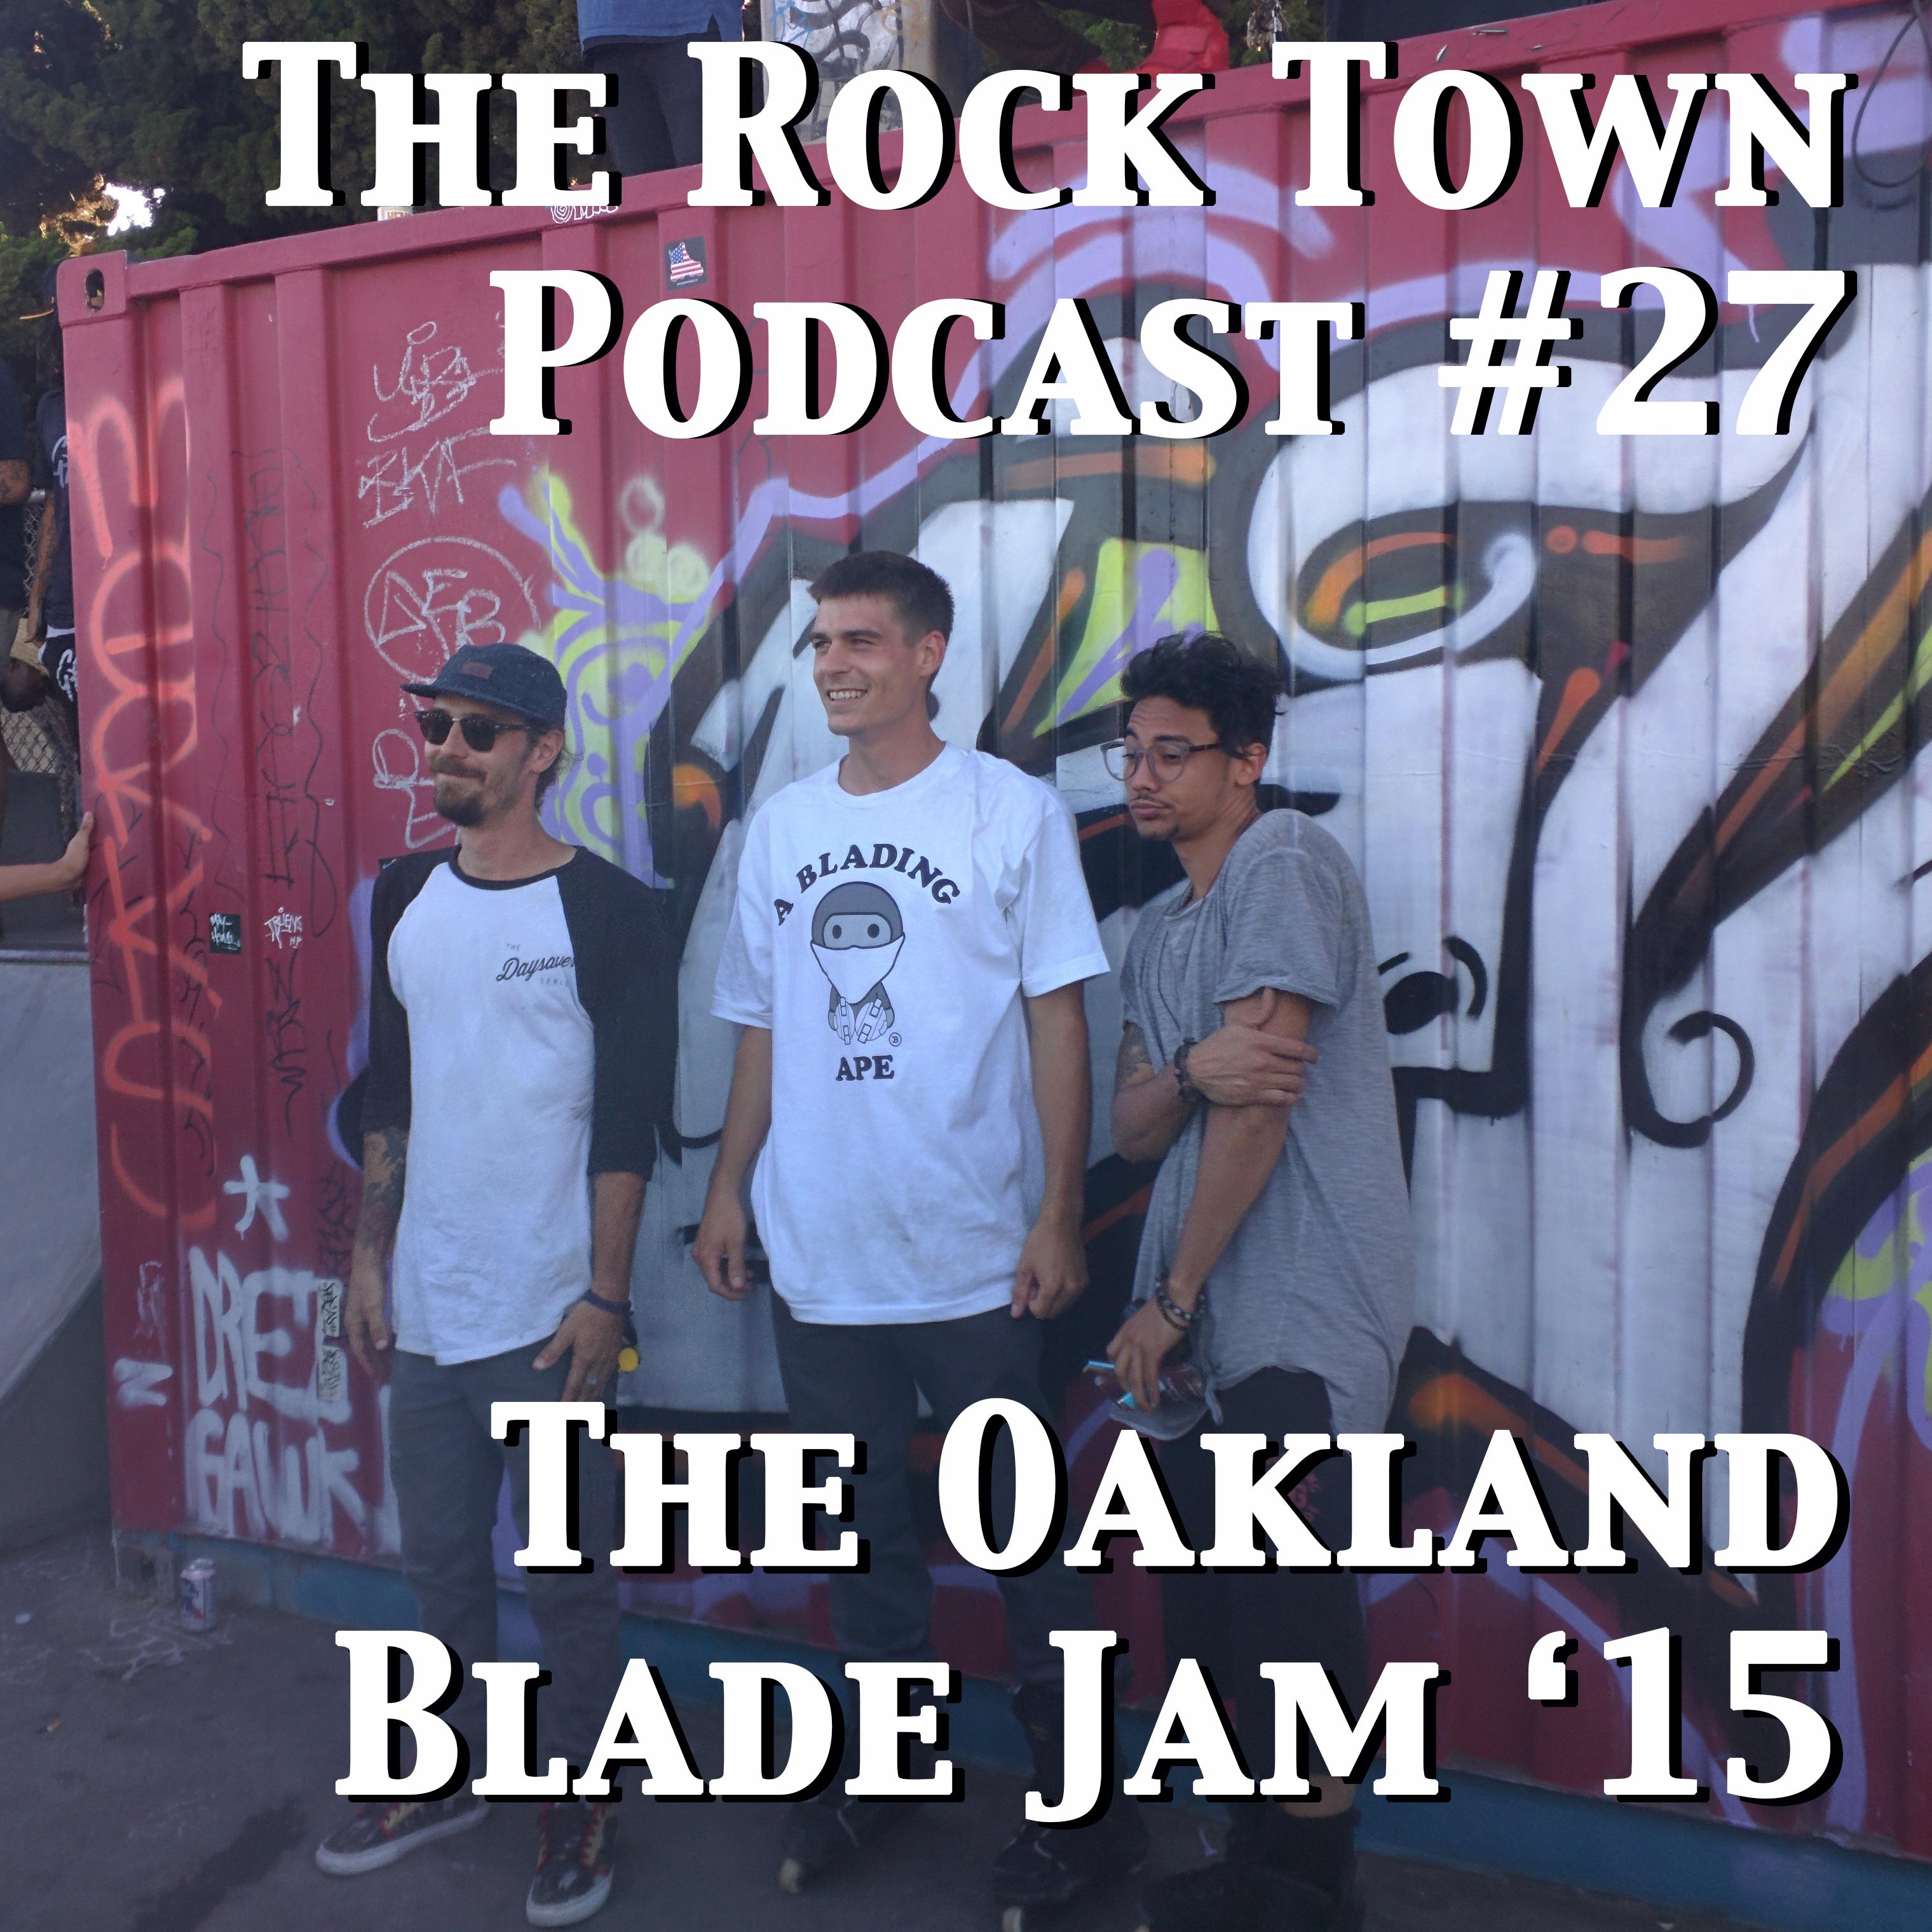 #27: The Oakland Blade Jam